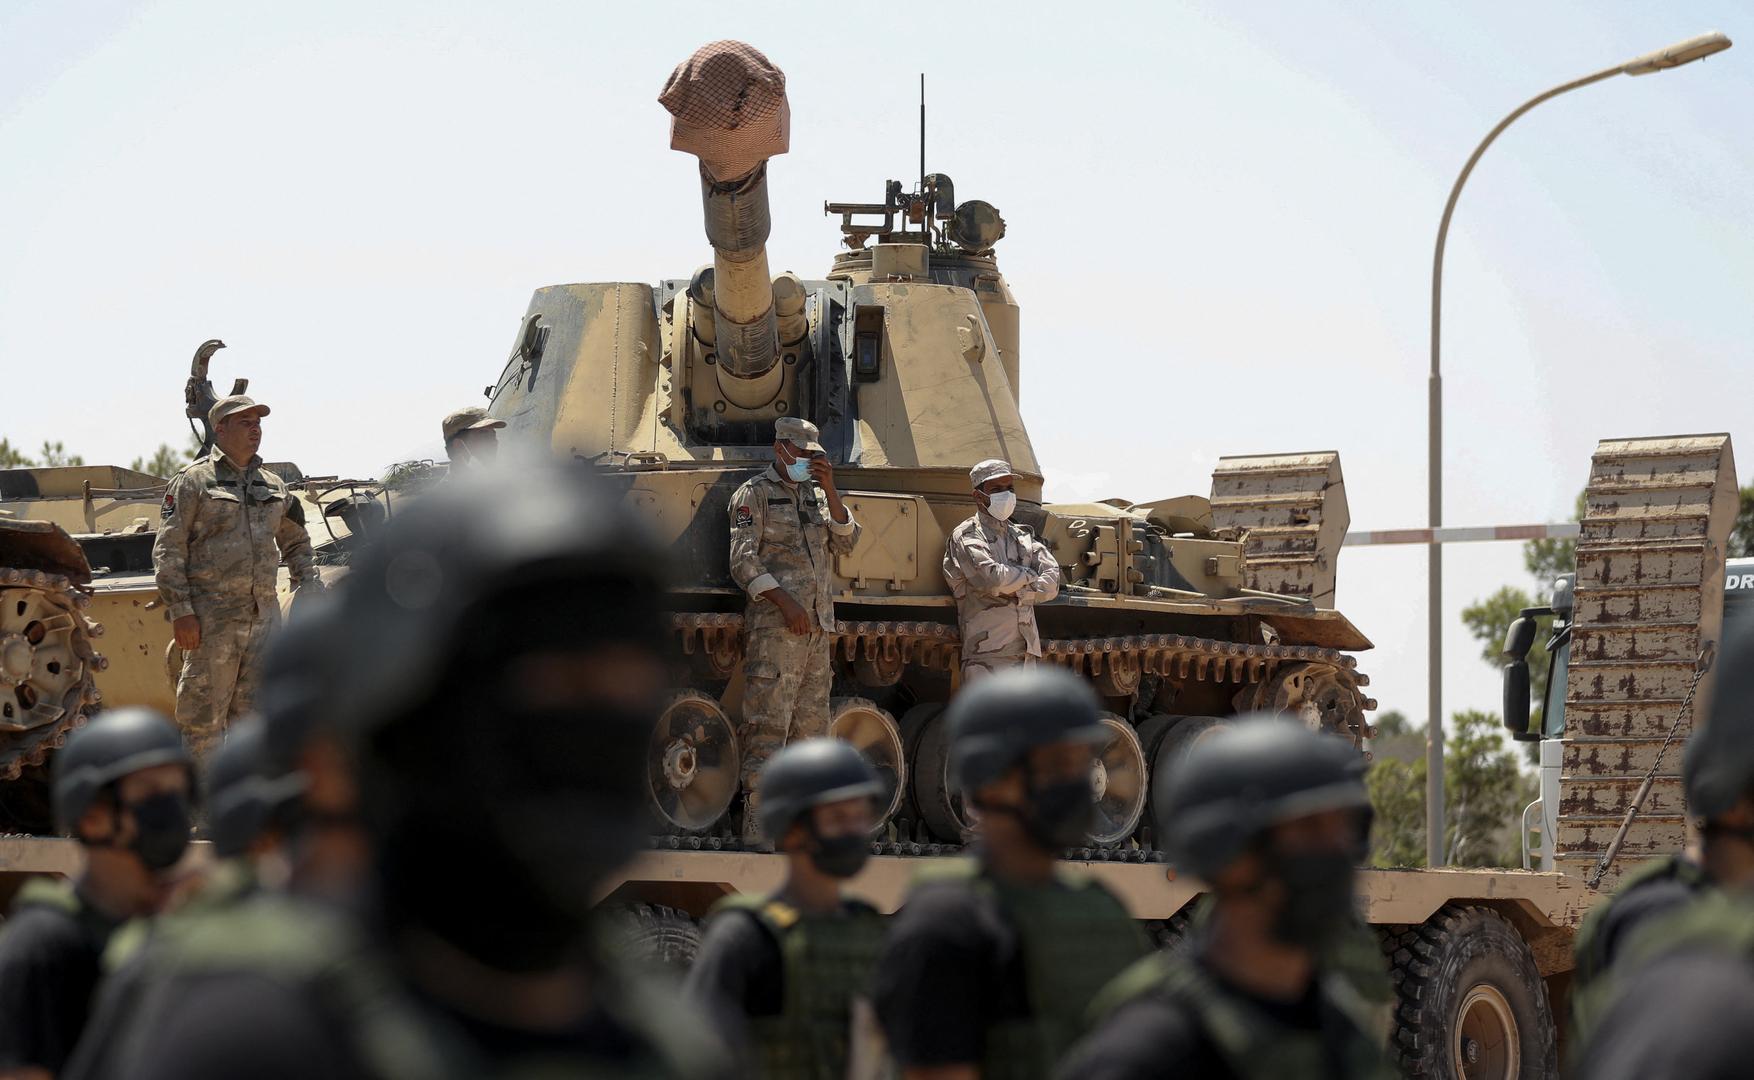 ليبيا.. اللجنة العسكرية المشتركة تحذر من عودة الحرب بسبب خلو منصب وزير الدفاع